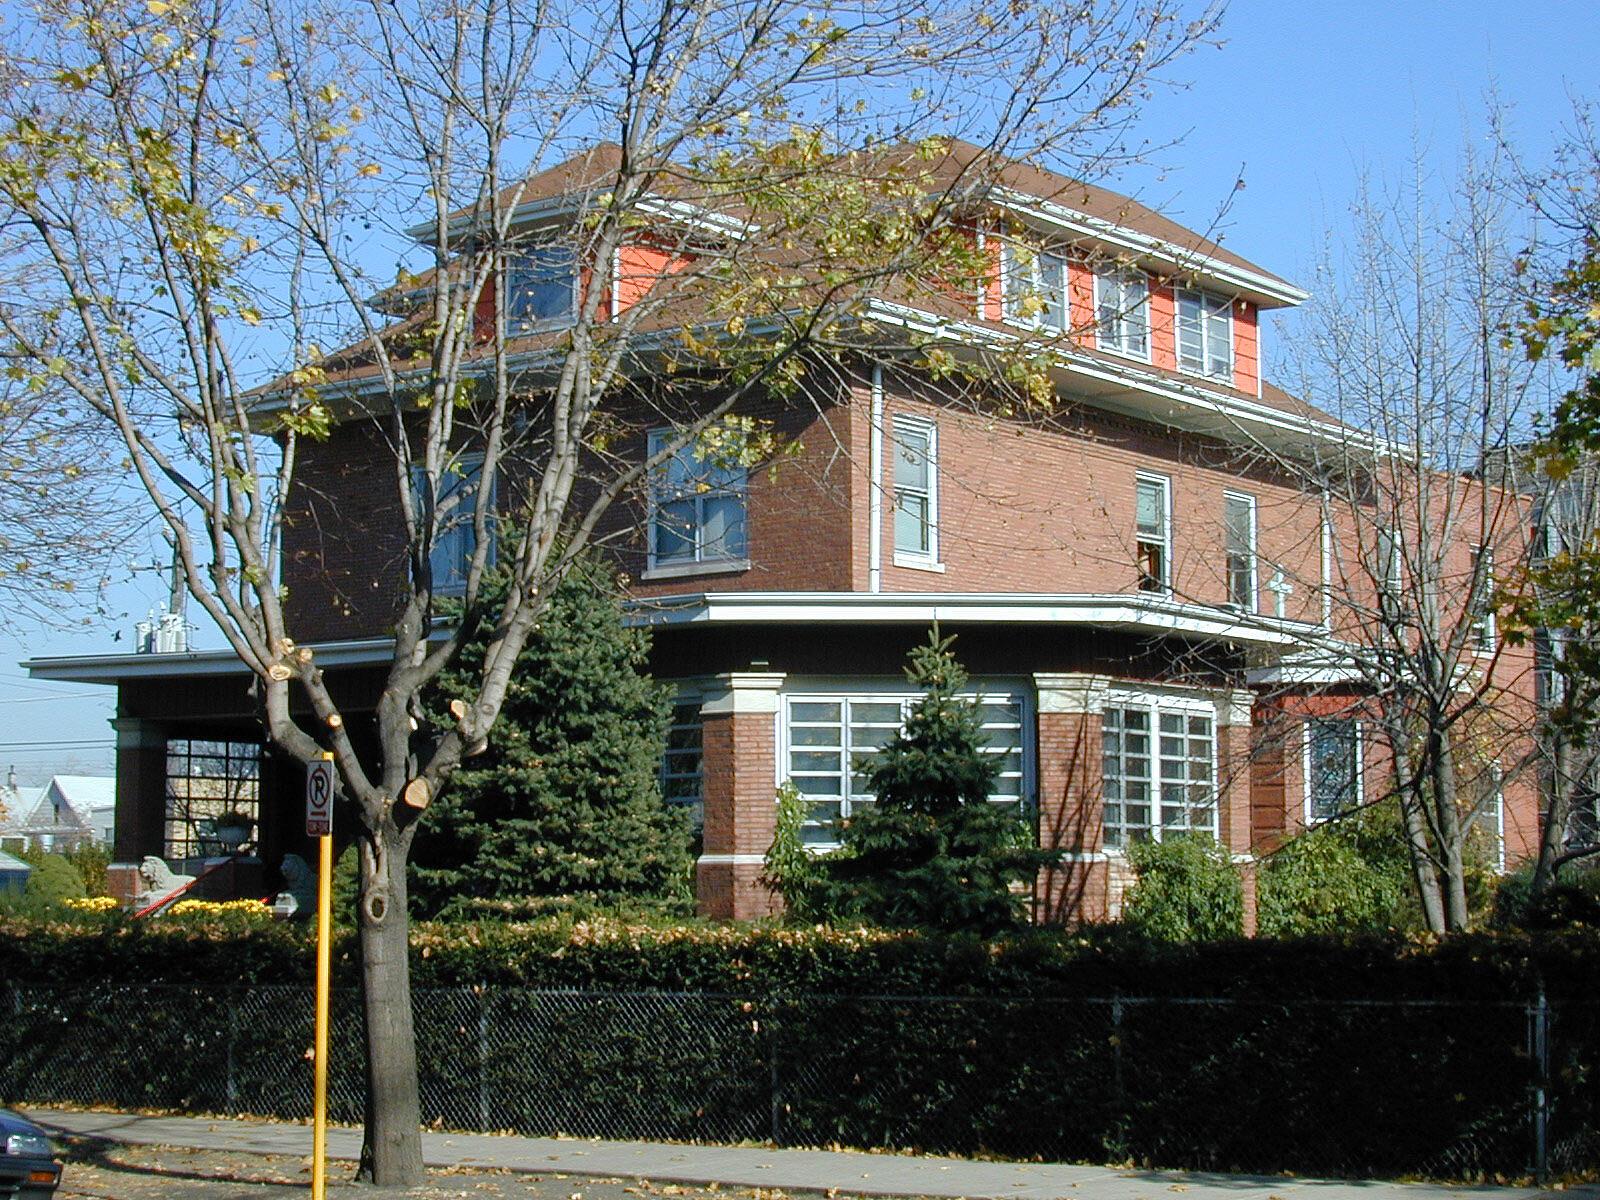 Dom Jezuitów na Avers Ave. w Chicago - zasoby własne